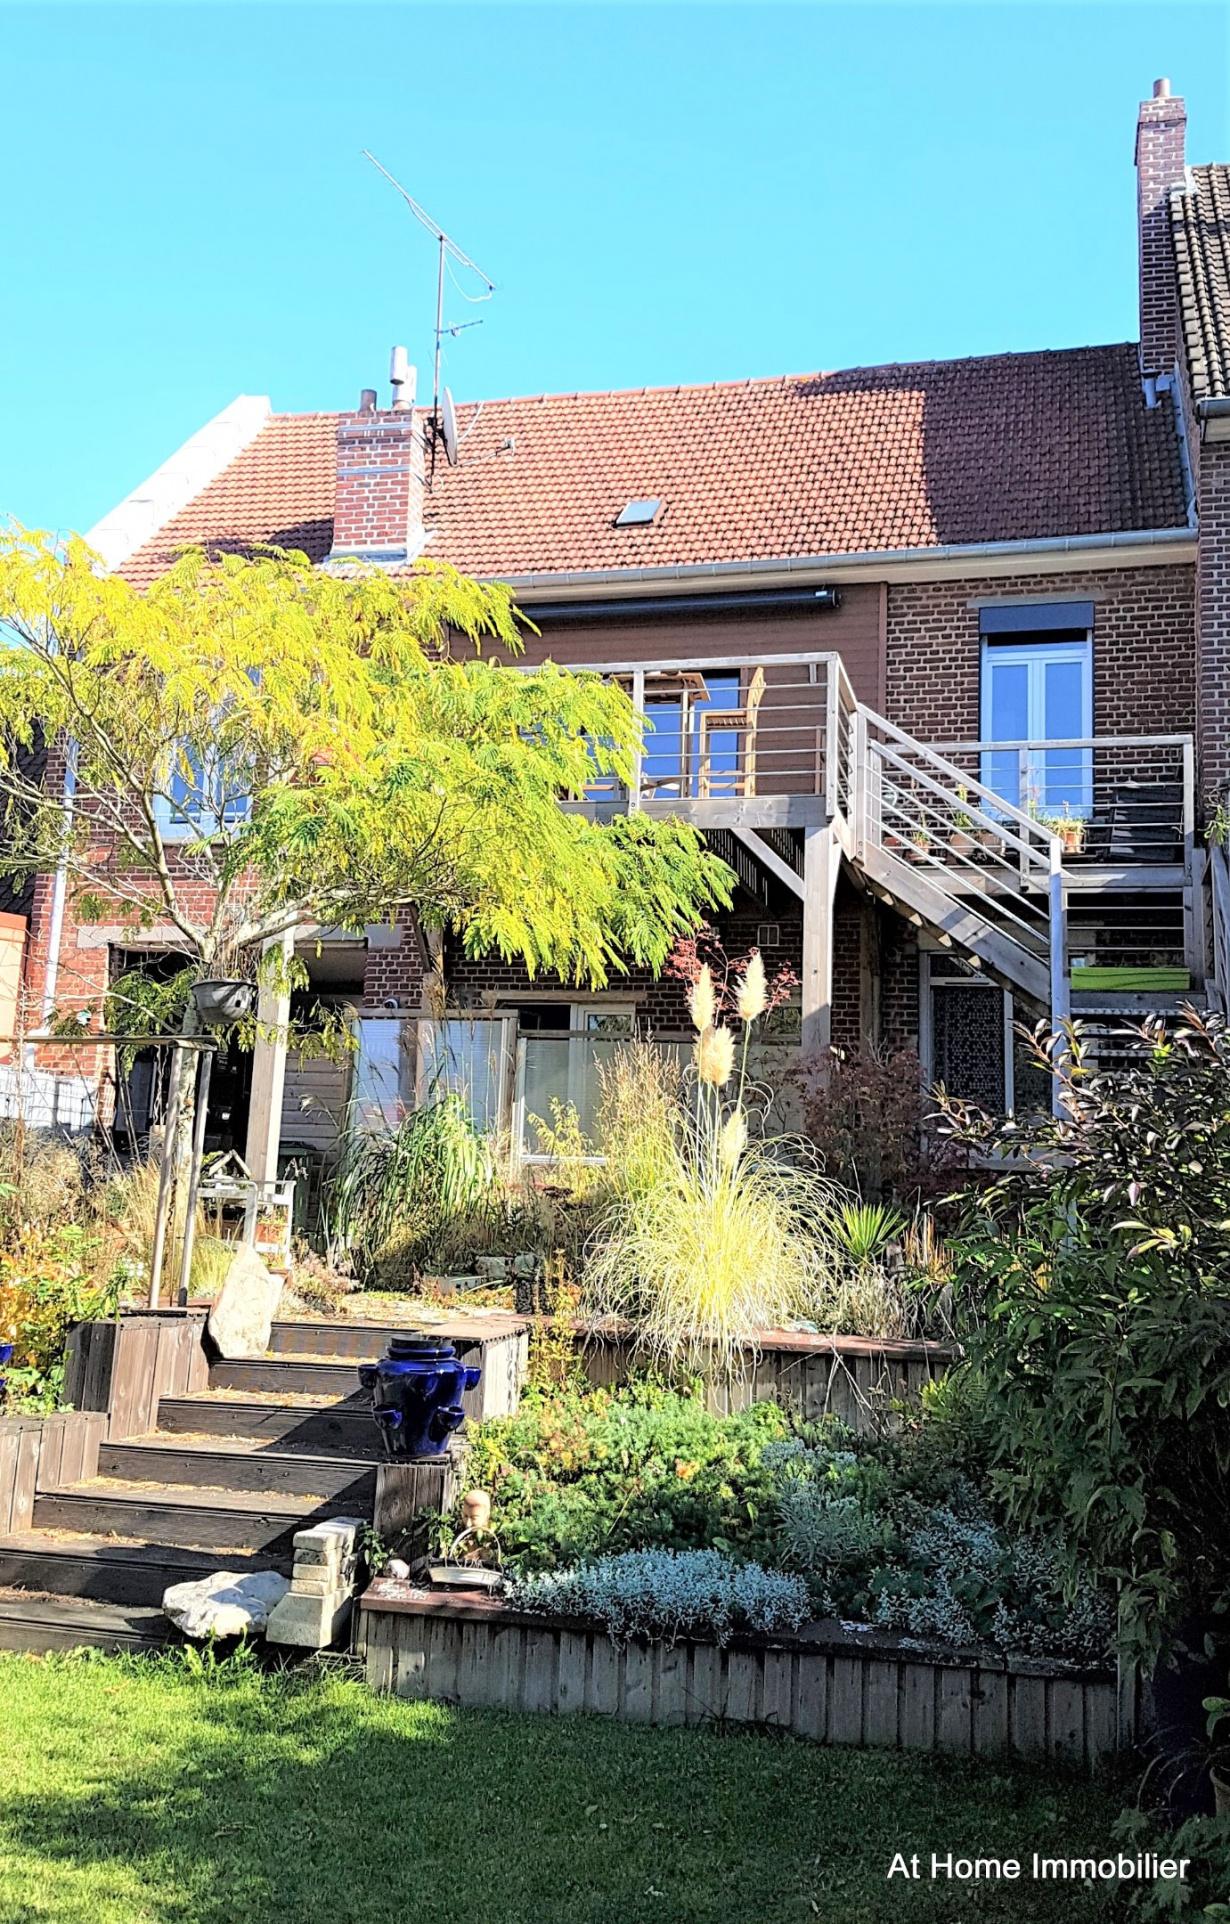 Vente ensemble immobilier avec jardin et garages for Immobilier avec jardin